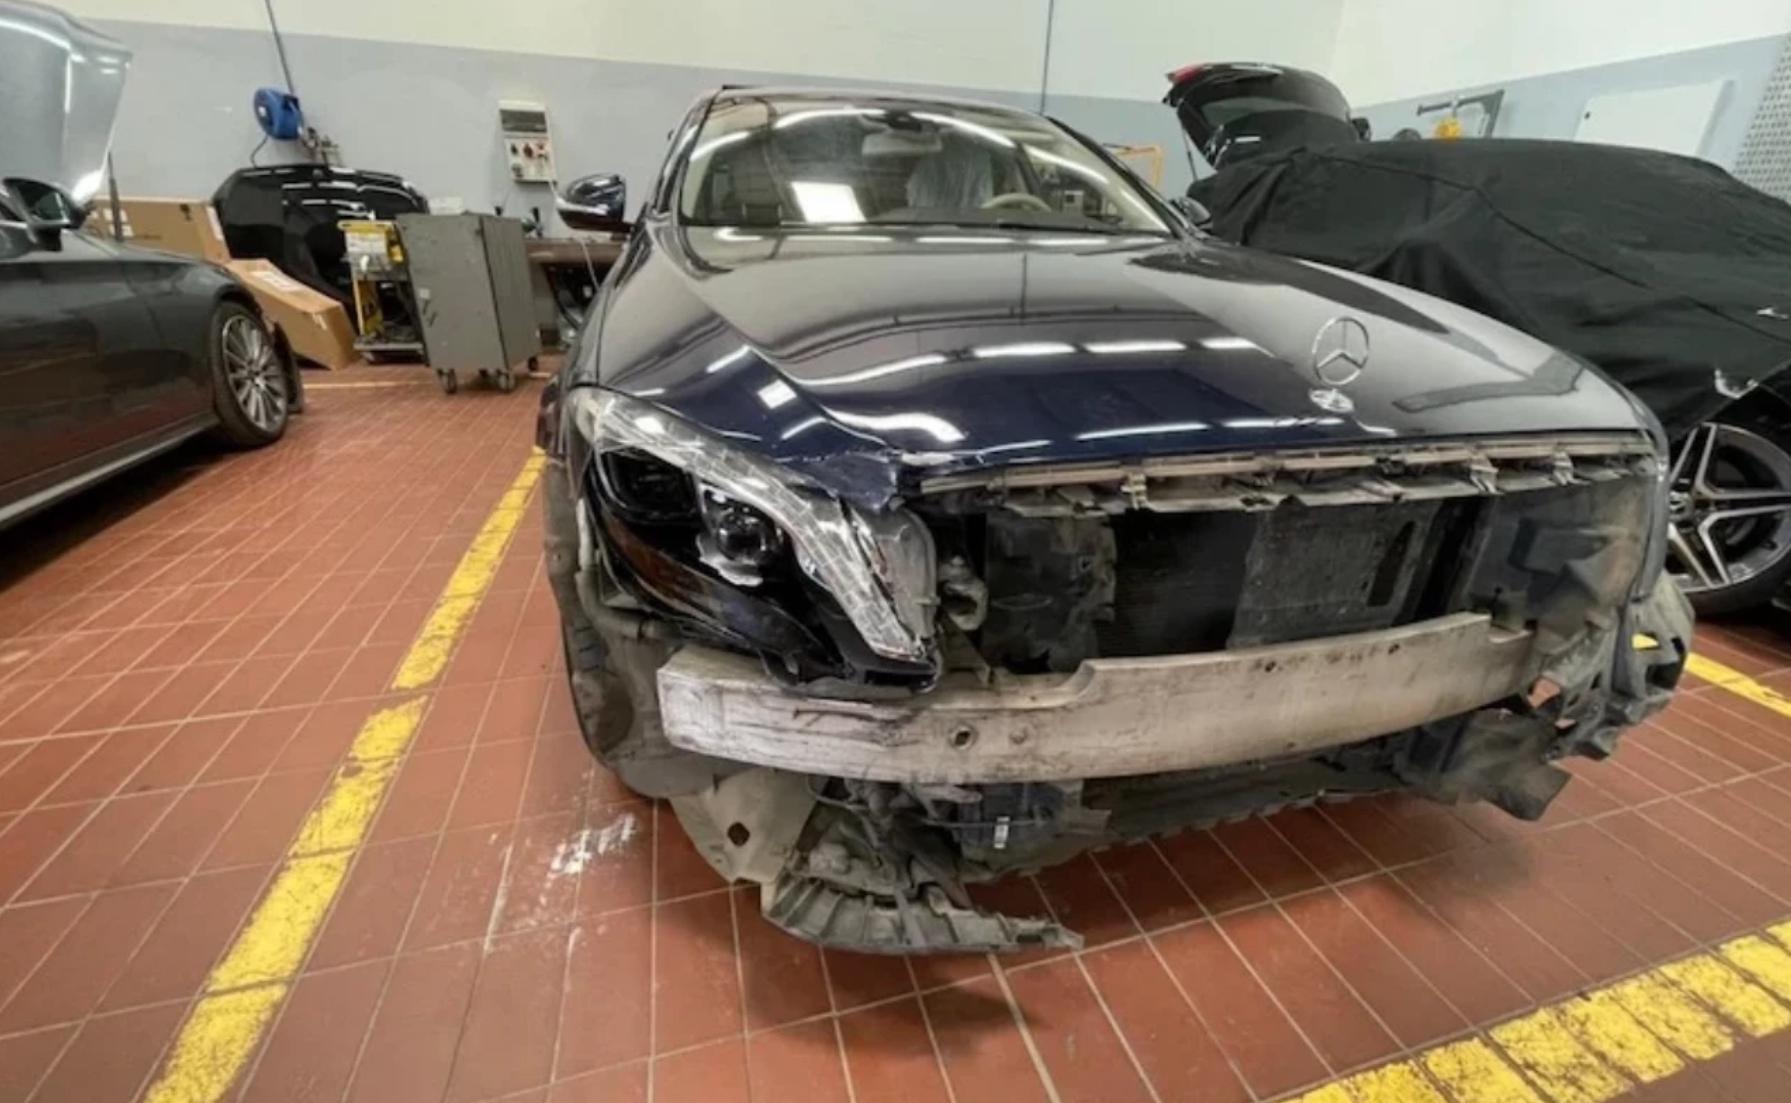 الصورة الحقيقية لسيارة وهبي بعد الحادثة